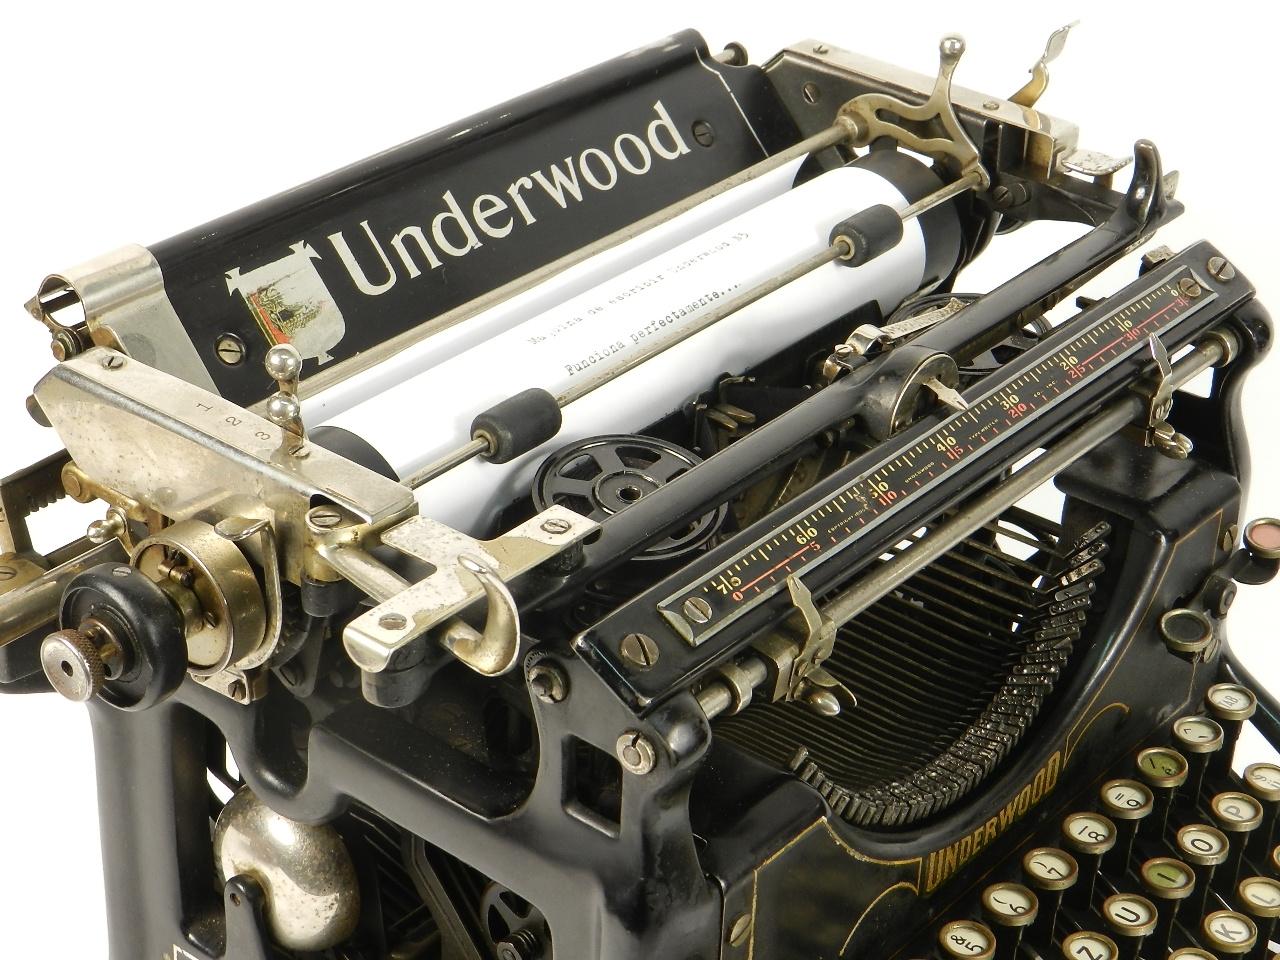 Imagen UNDERWOOD  Nº5  AÑO 1916 31346